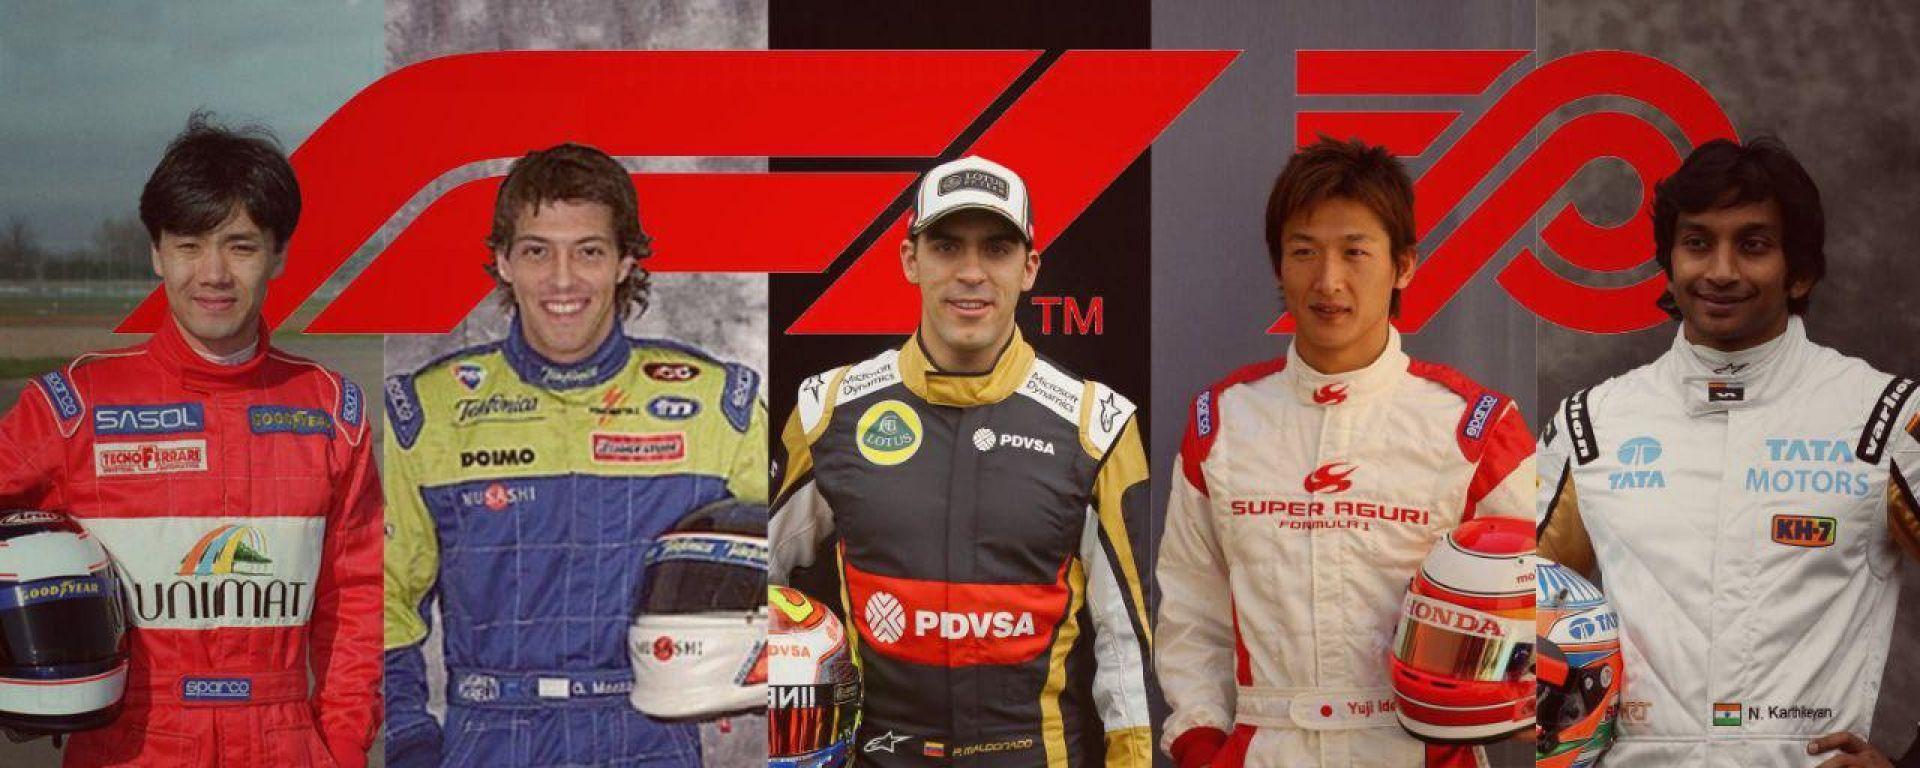 F1, GP 70° anniversario: il tributo a 5 campioni